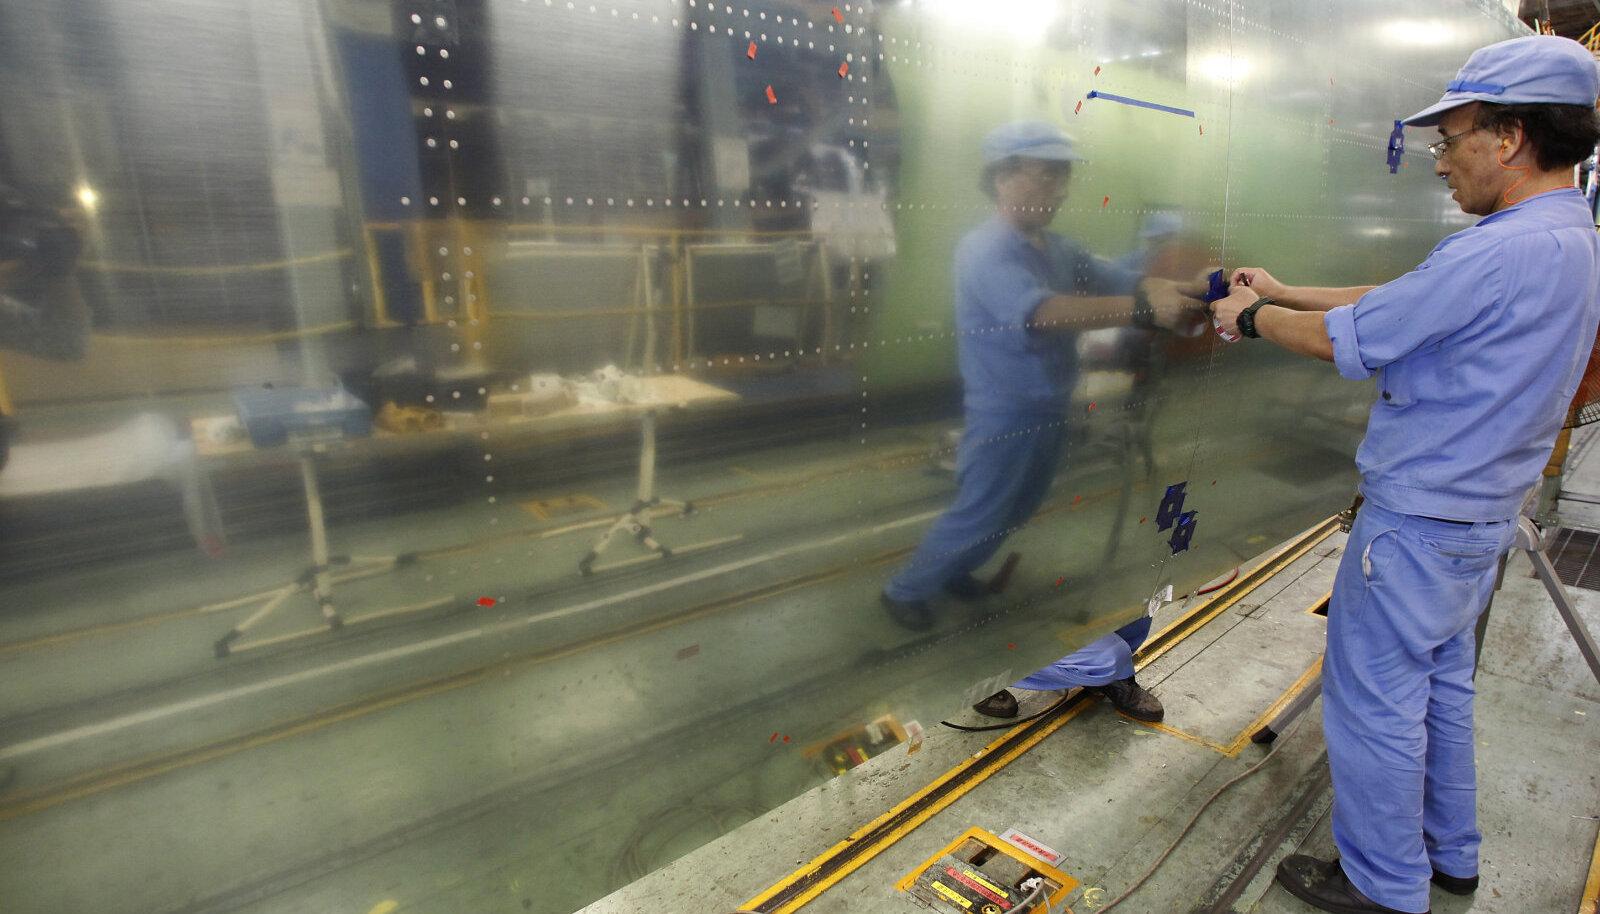 Töö Mitsubishi Aircrafti tehases, kus on valmistatud ka Boeing 767 koostisosi